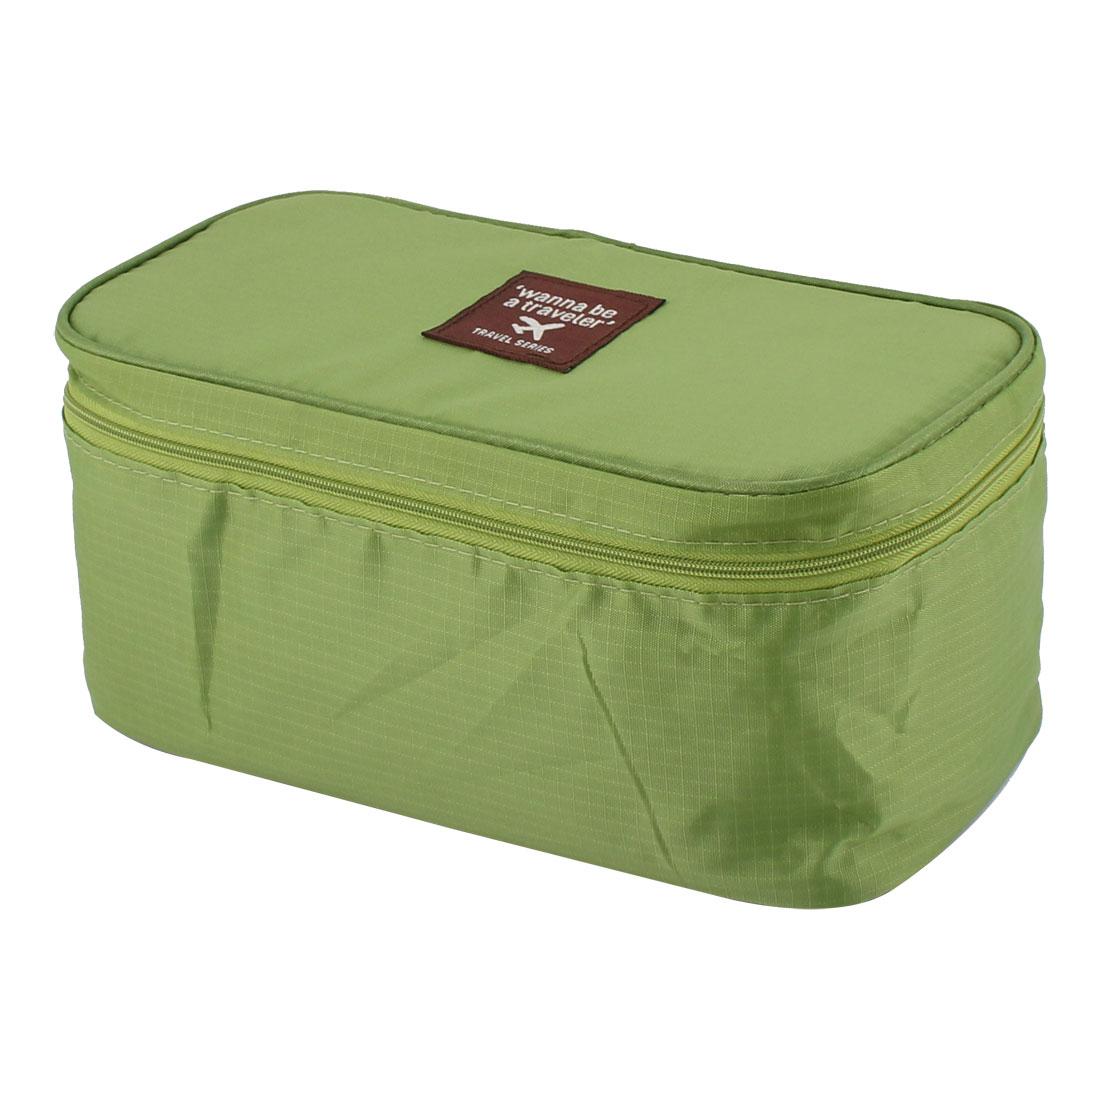 Green Portable Underwear Bra Toiletry Wash Organizer Pouch Box Storage Bag Case